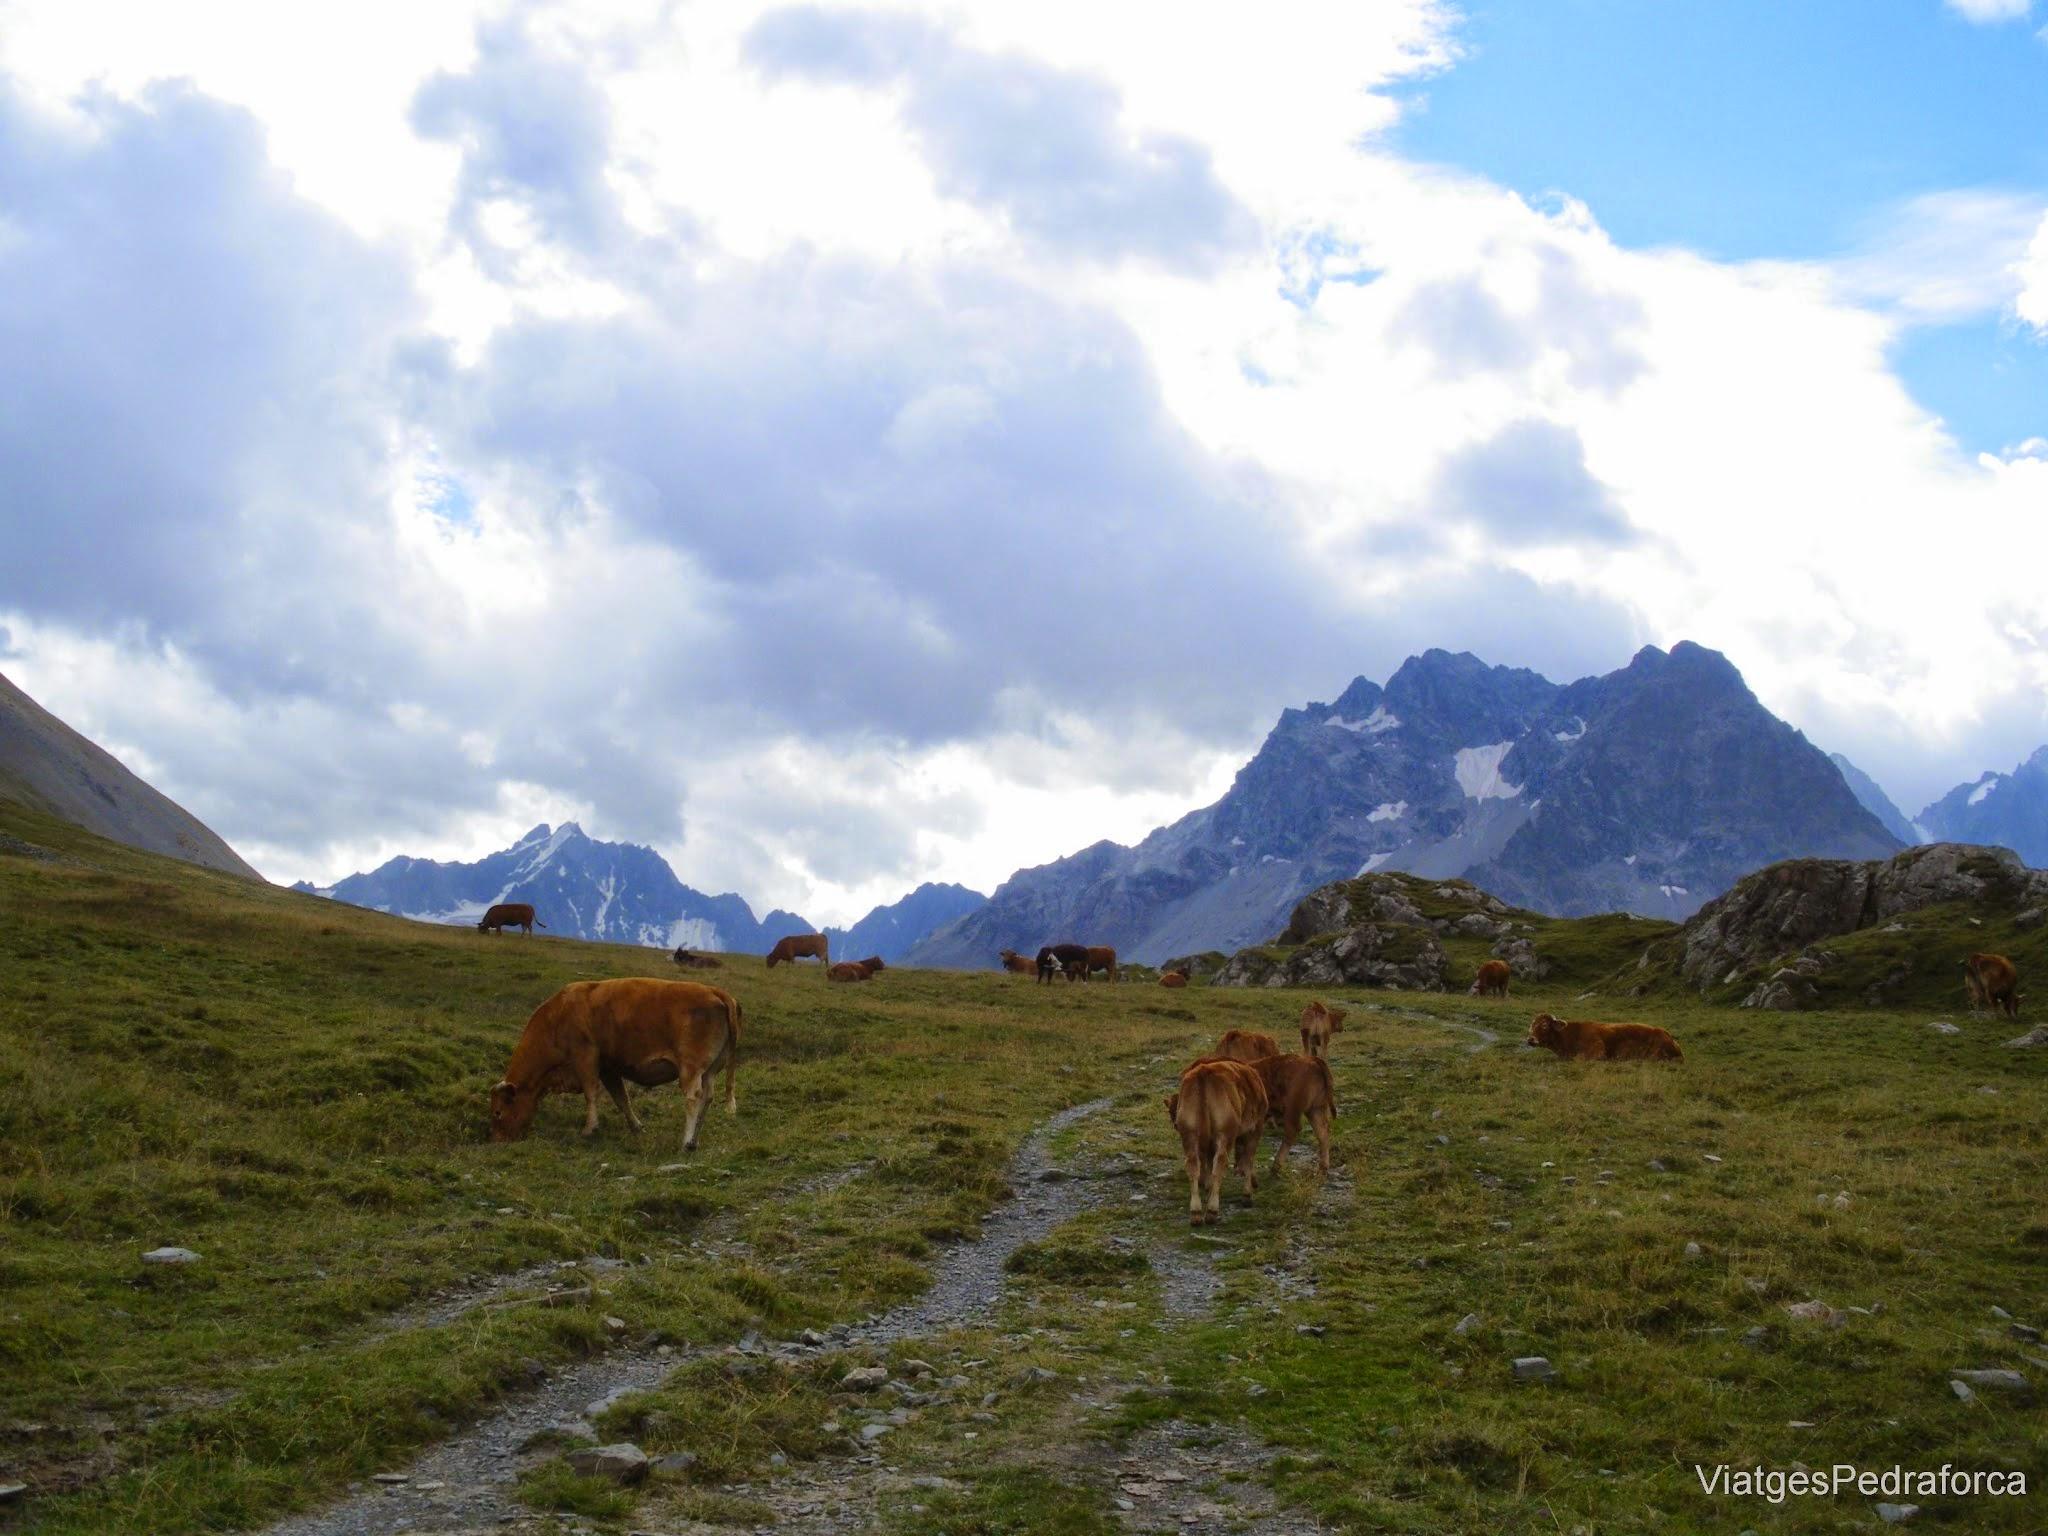 Haute Romanche, Alpe du Villar d'Arene, Hautes Alpes, Parc National des Ecrins, France